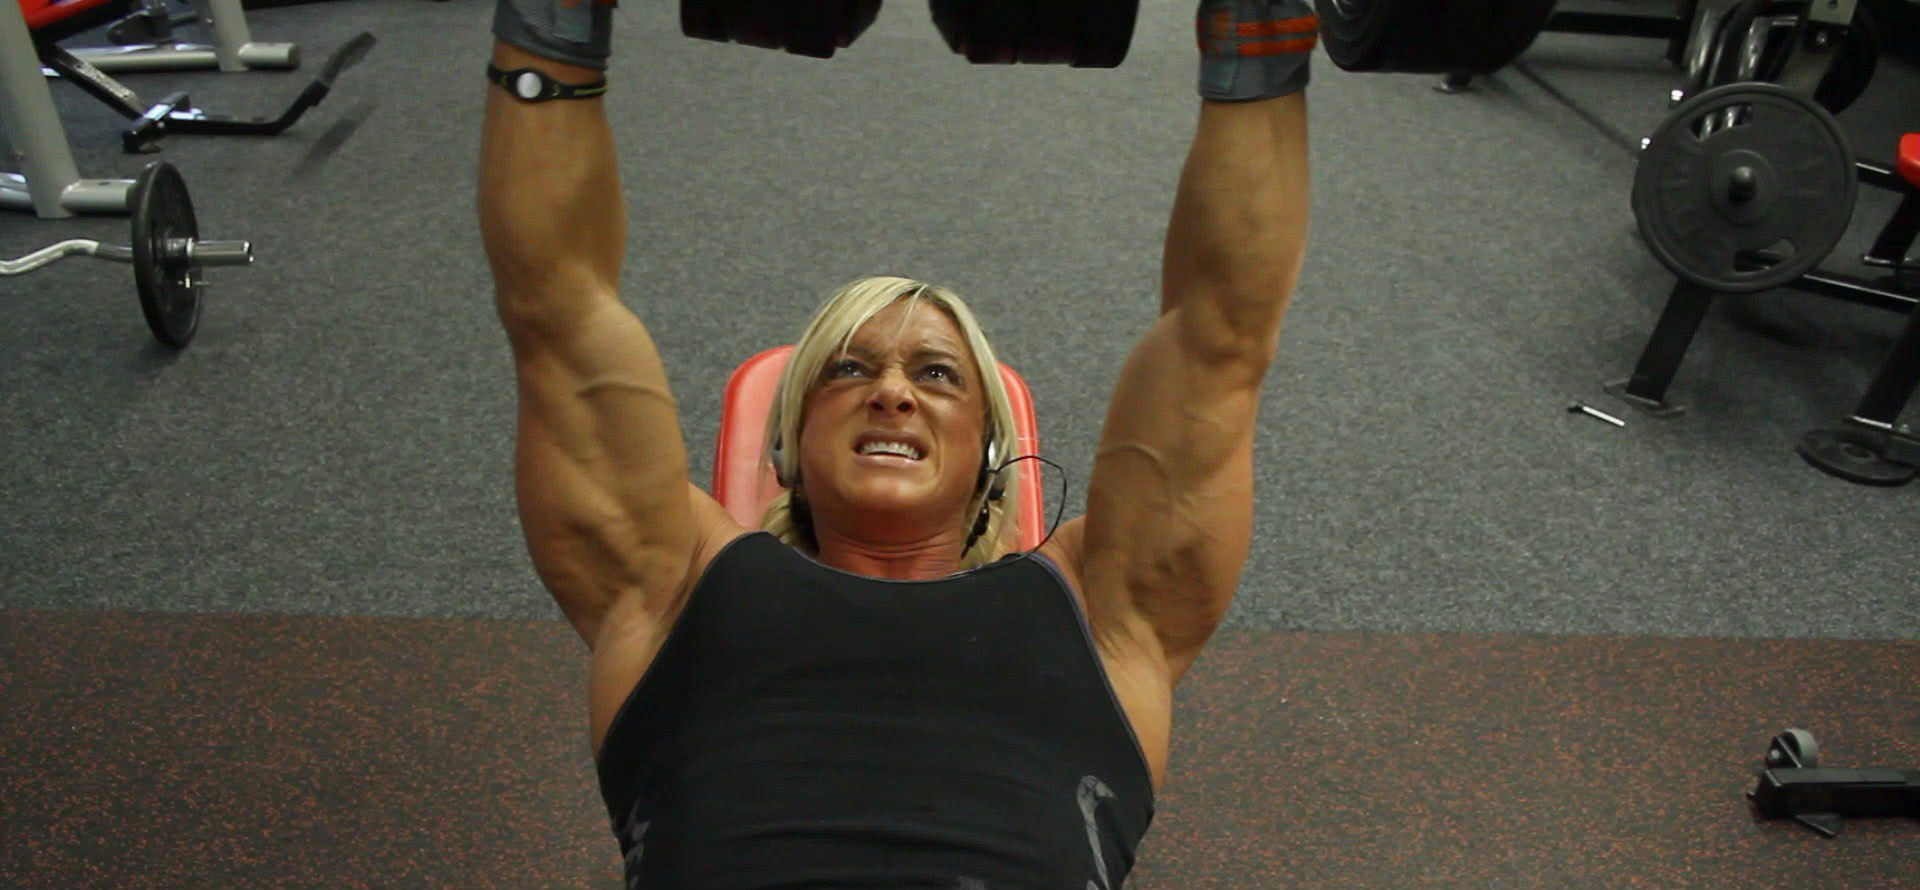 Meet Katka Kuptova - muscular fitness coach from Czech Republic.